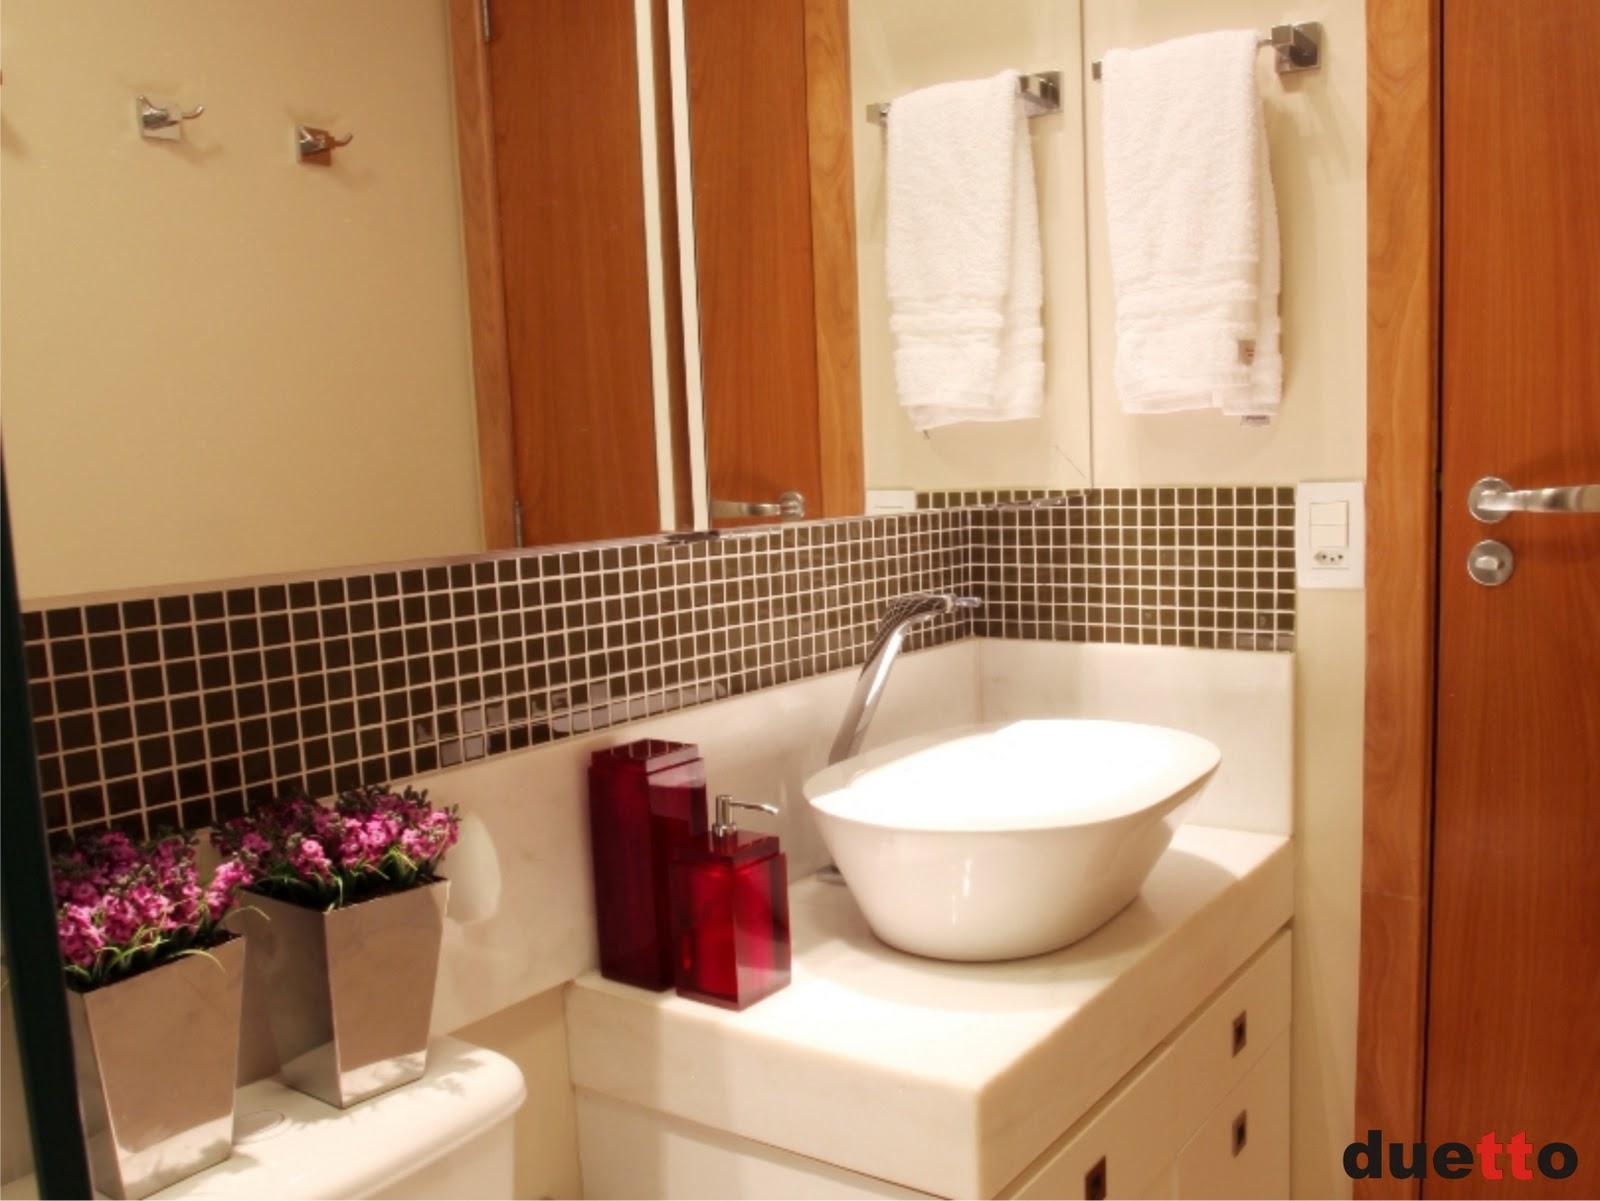 #AF4A1C Banheiro super fofo adorei o detalhe dos dois vazinhos em cima da  1600x1201 px projeto banheiro 2 metros quadrados